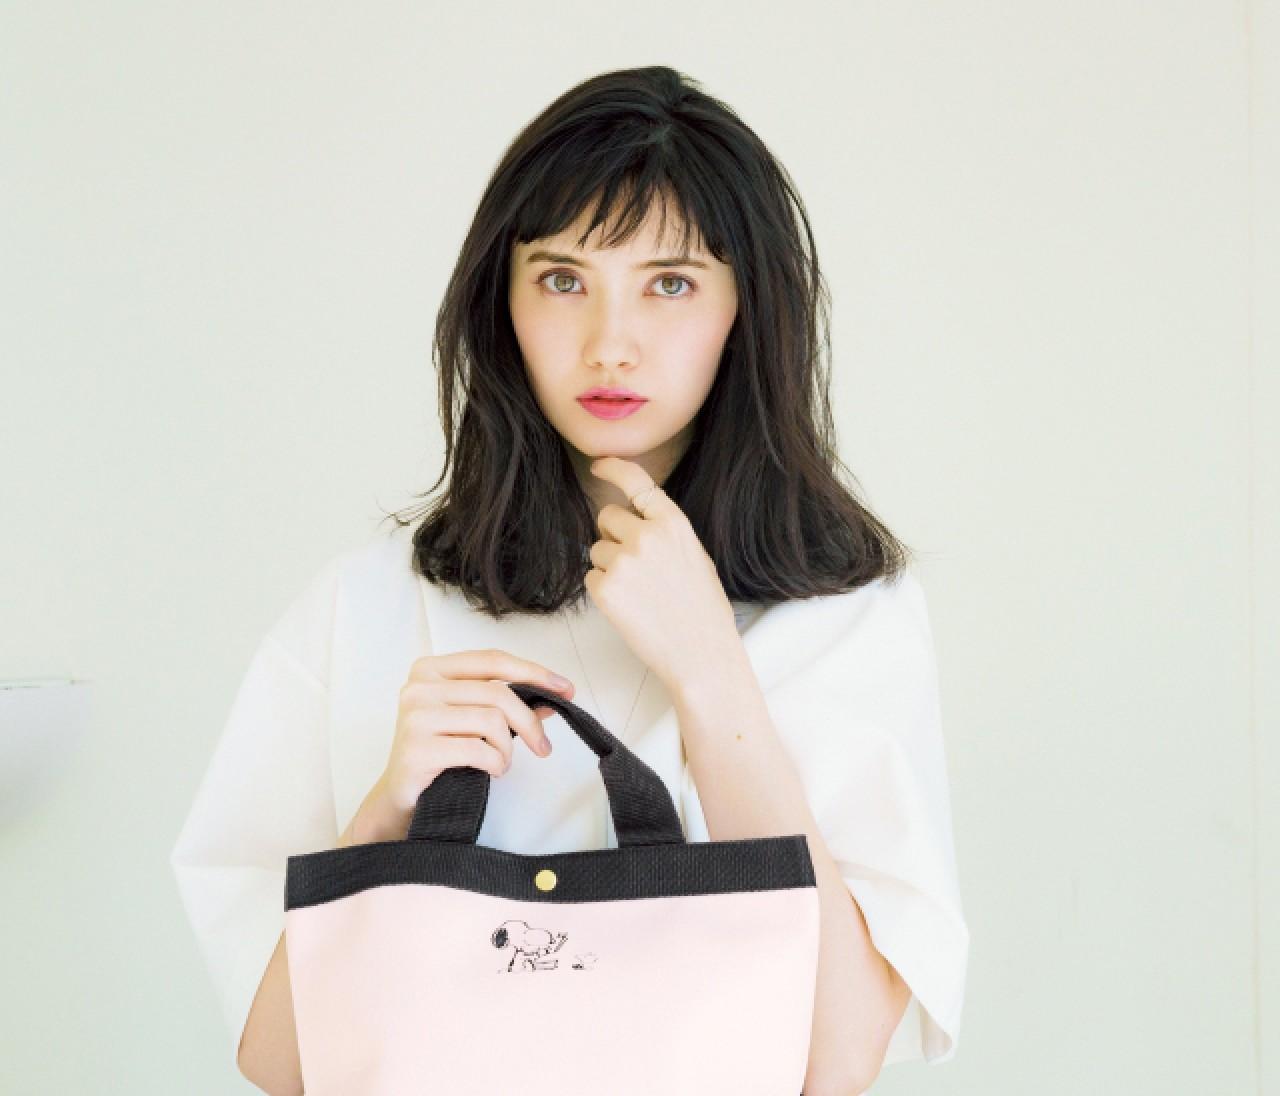 【速報!!!】3月号付録は大人の可愛げ♡ スヌーピーレザー調トートバッグ